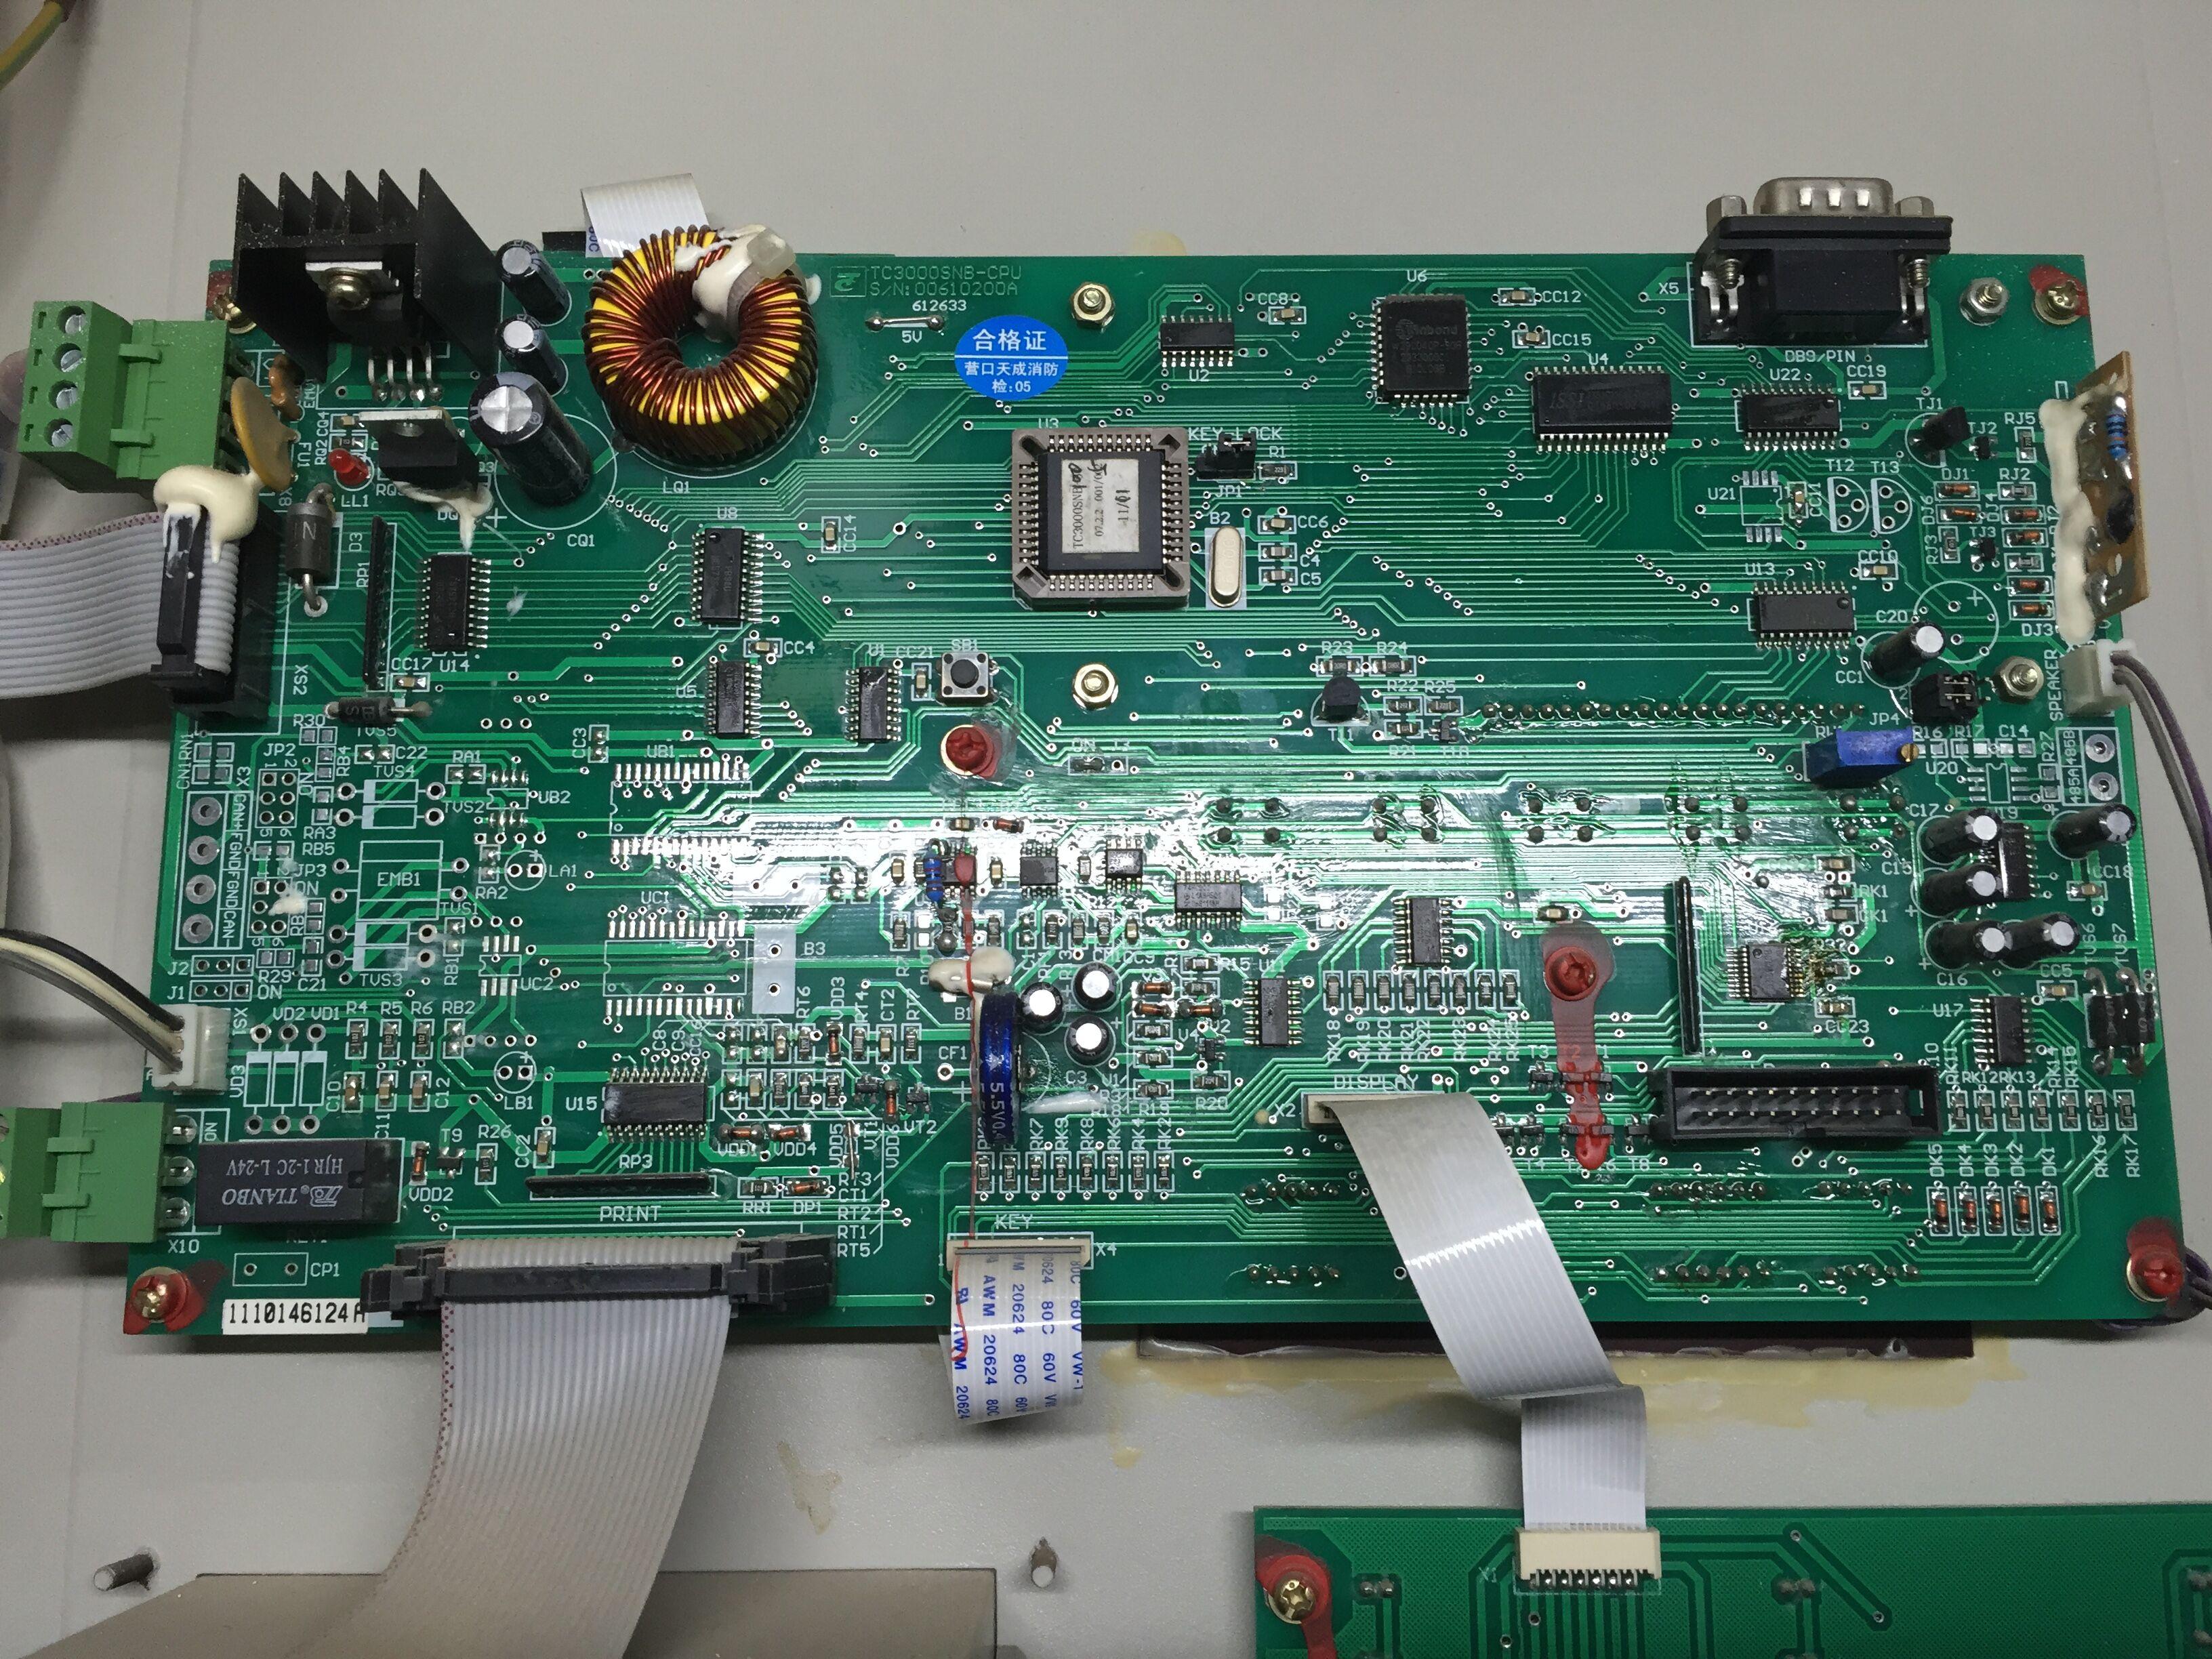 供应硬盘电路板维修,深圳硬盘电路板维修,宝安硬盘电路板维修部电话